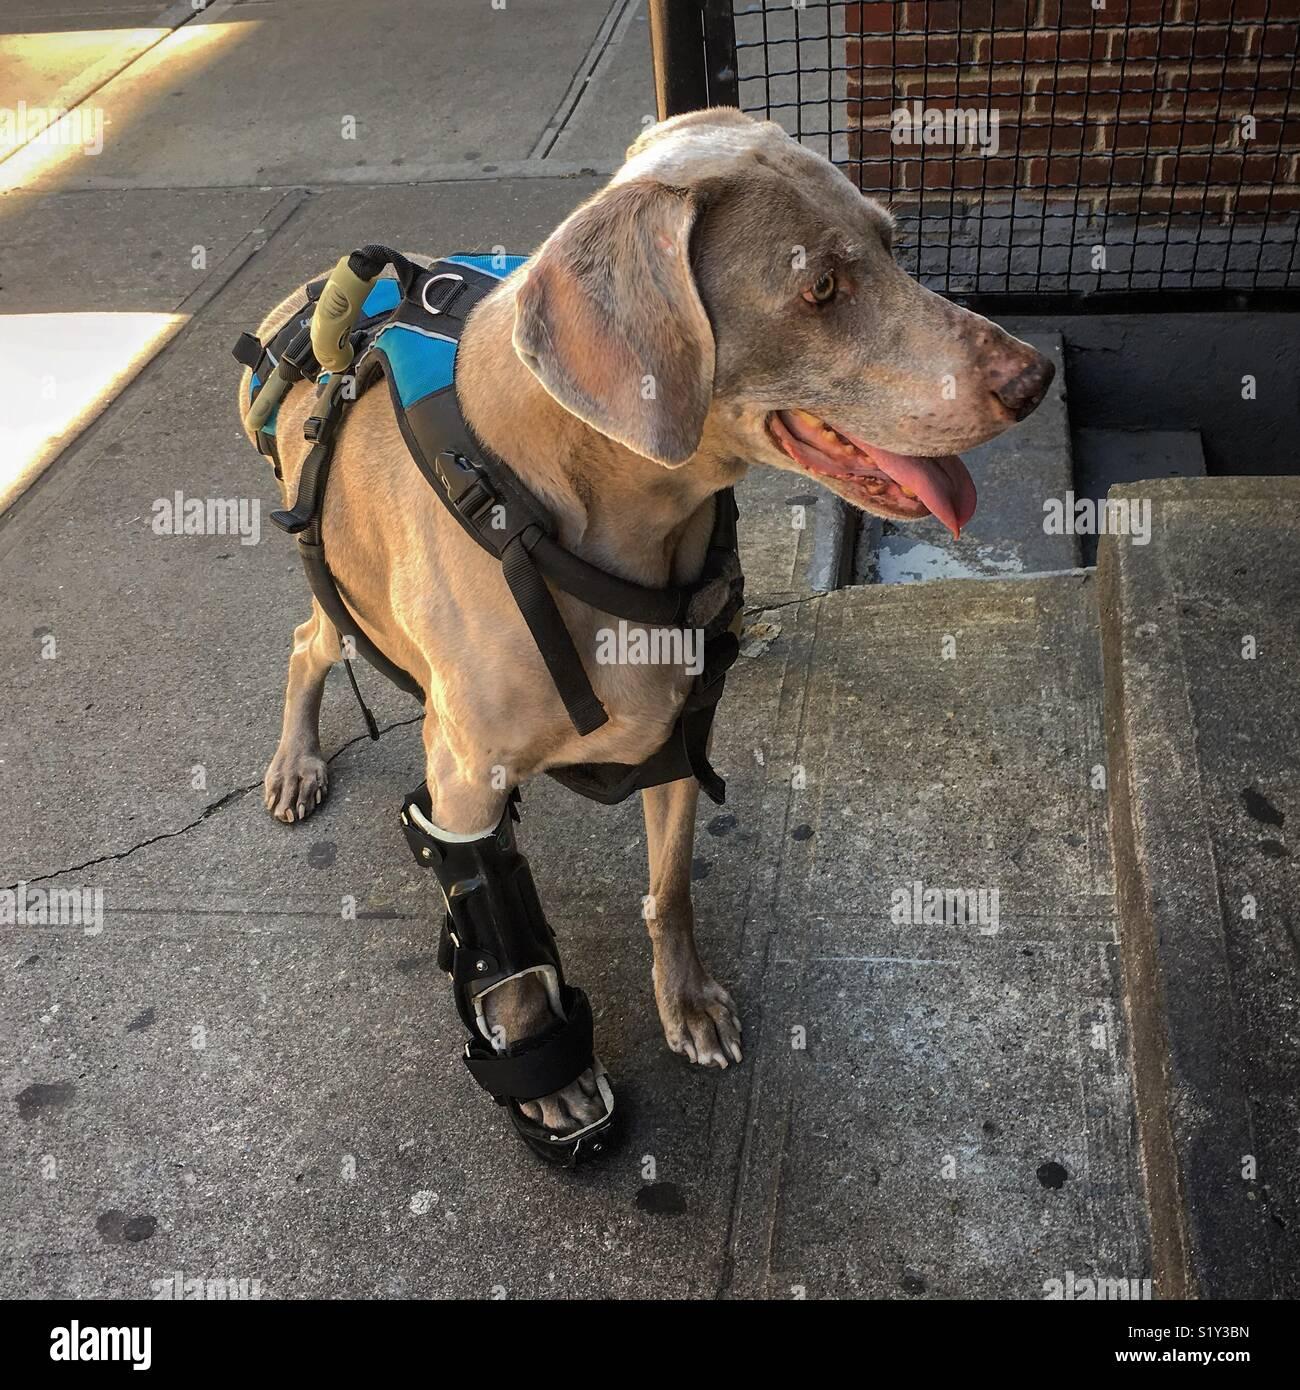 Gips gebrochen hund bein Beinbruch beim